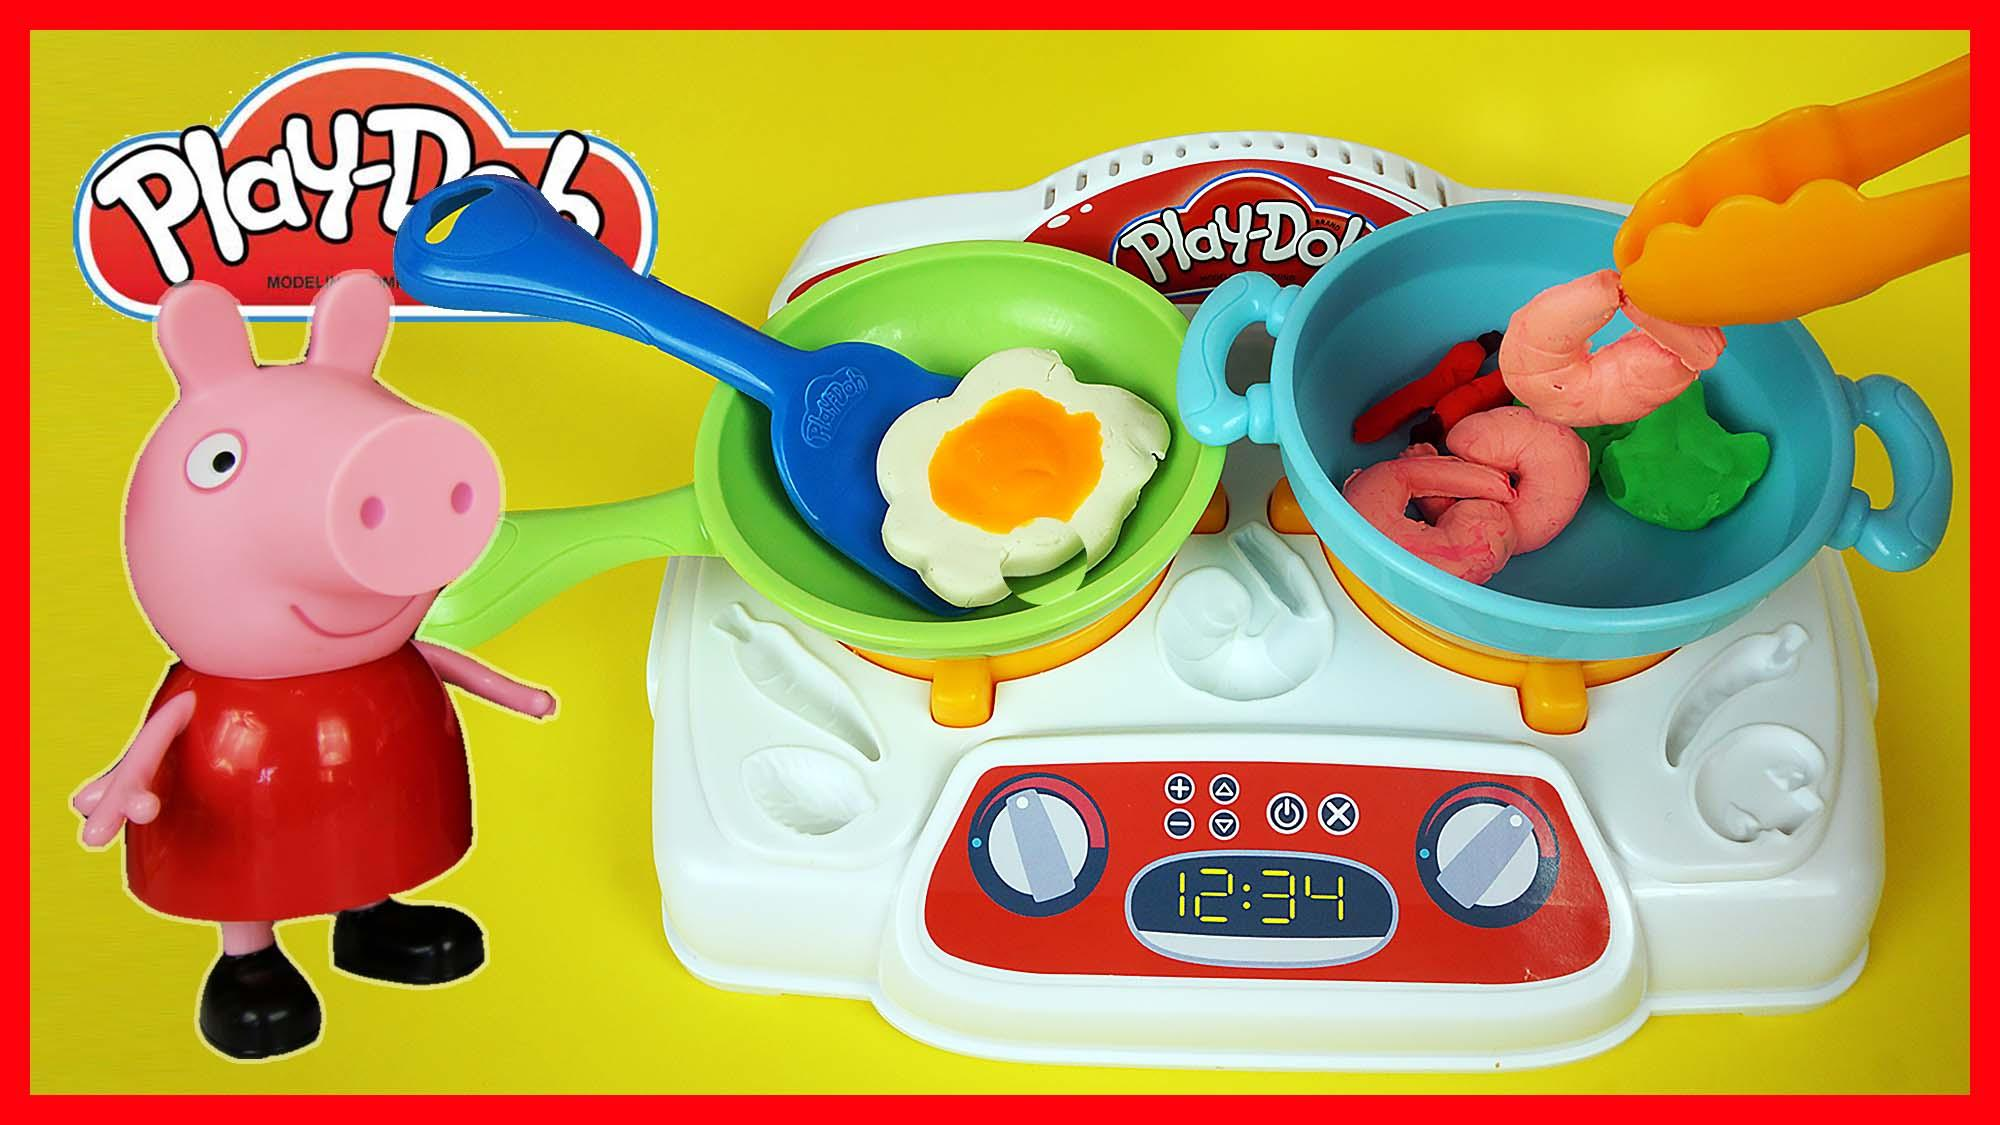 小猪佩奇玩培乐多厨房玩具 橡皮泥彩泥儿童手工亲子游戏